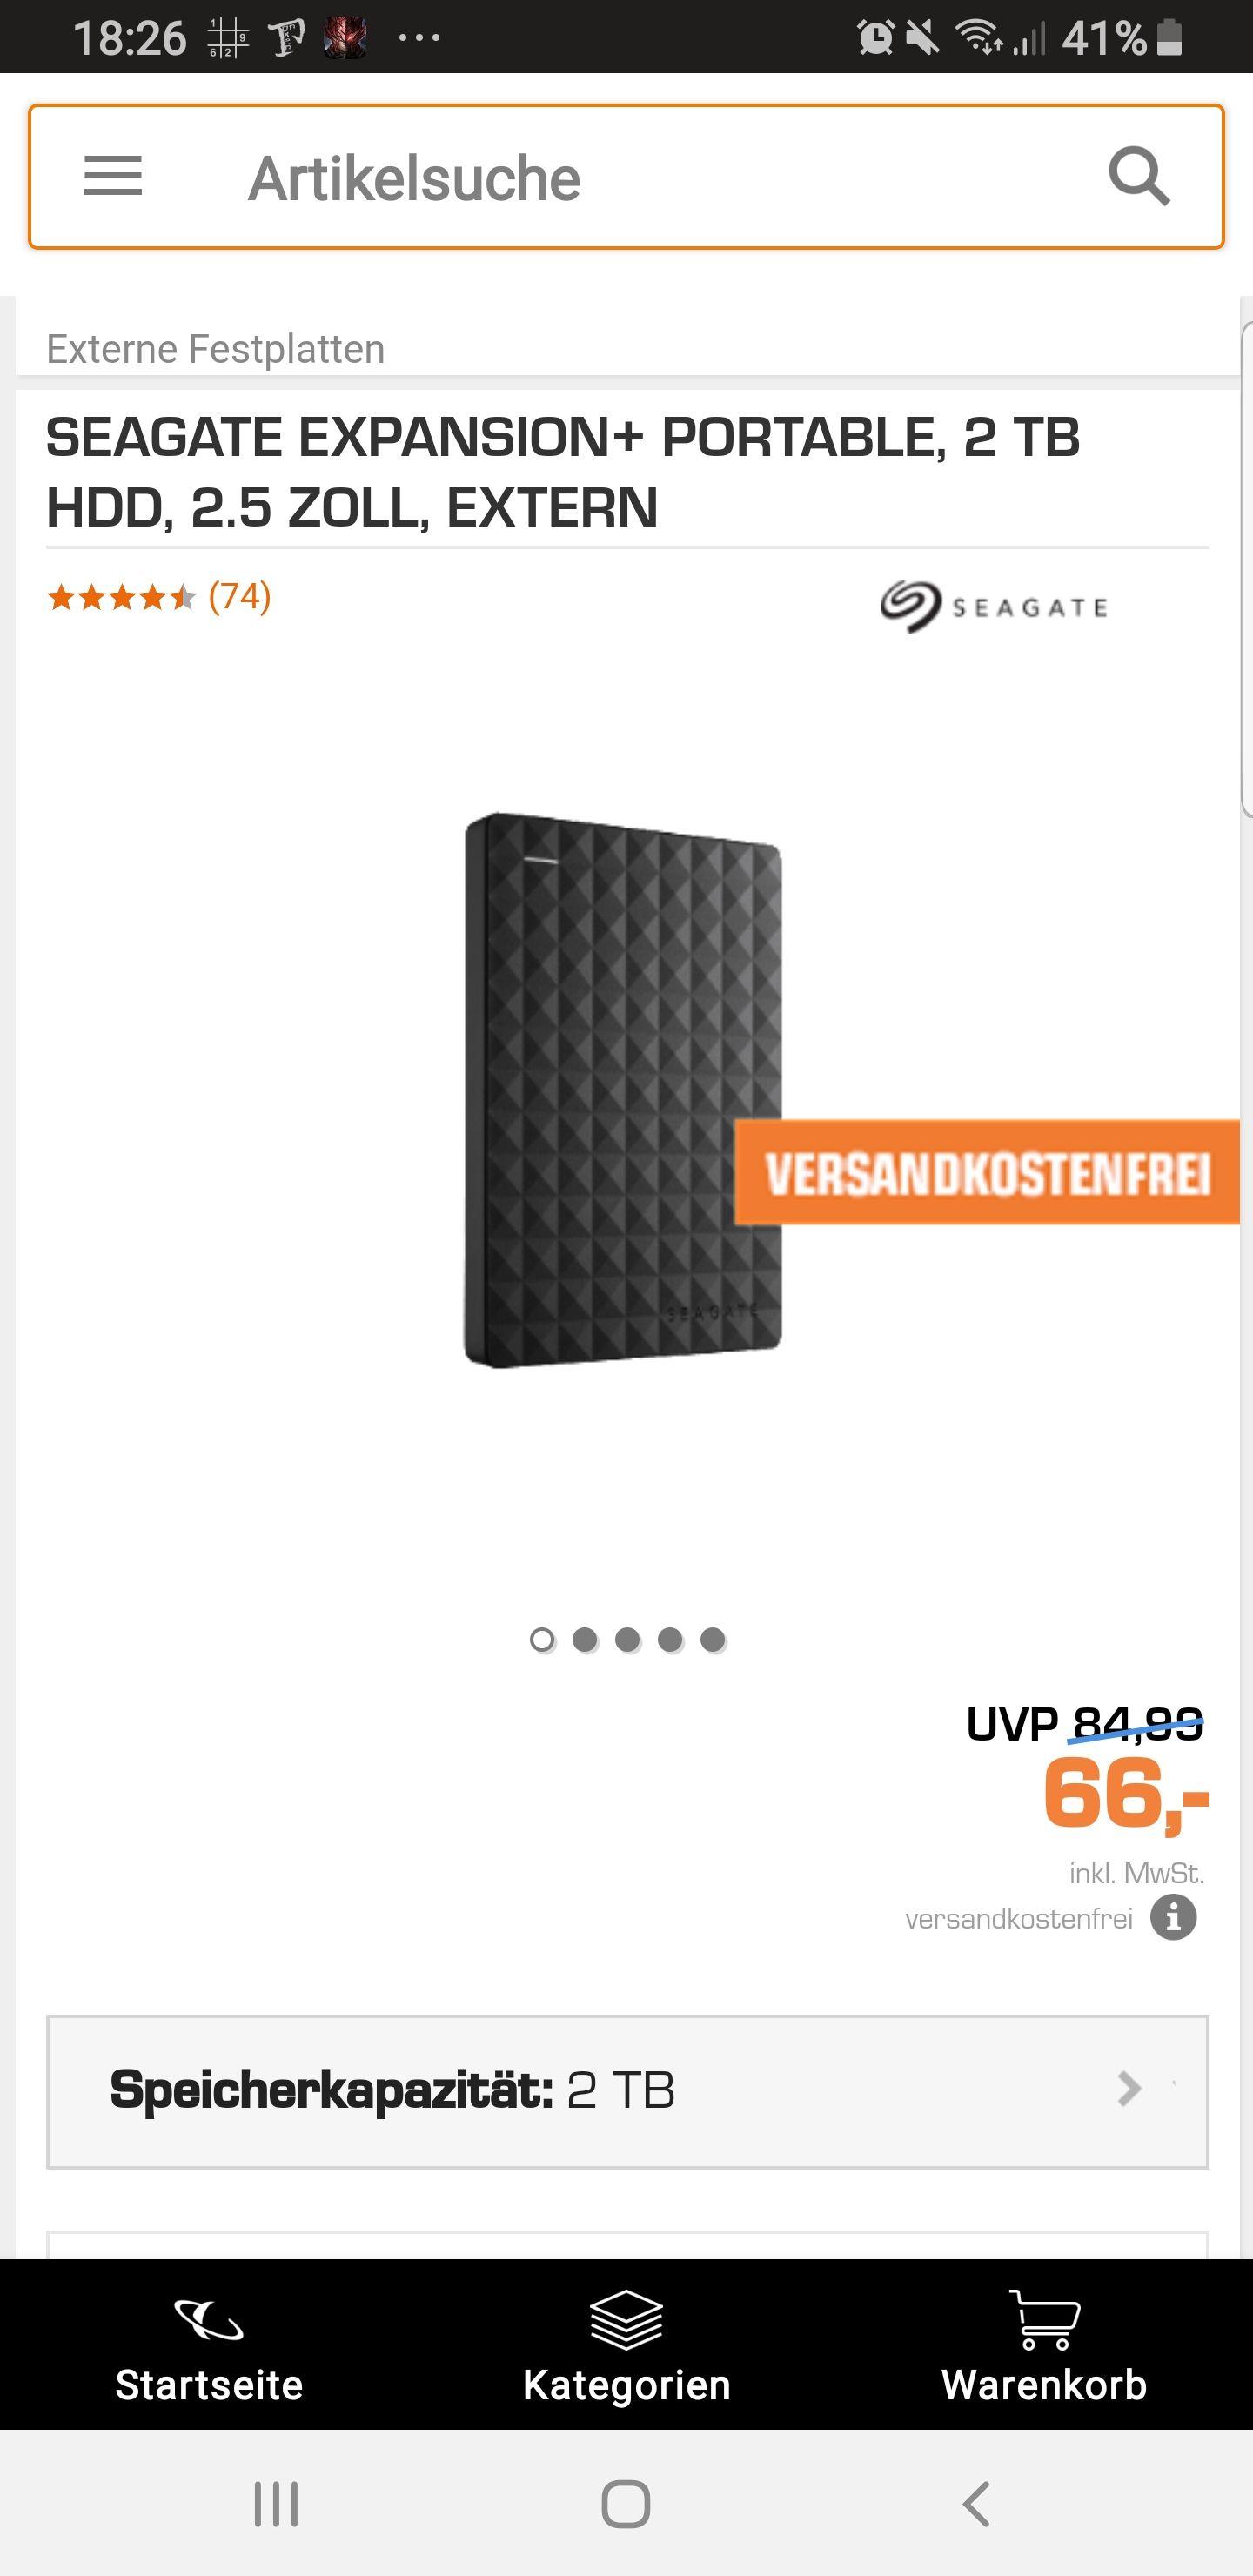 Seagate 2 TB externe Festplatte nur 66€ und Versandkostenfrei